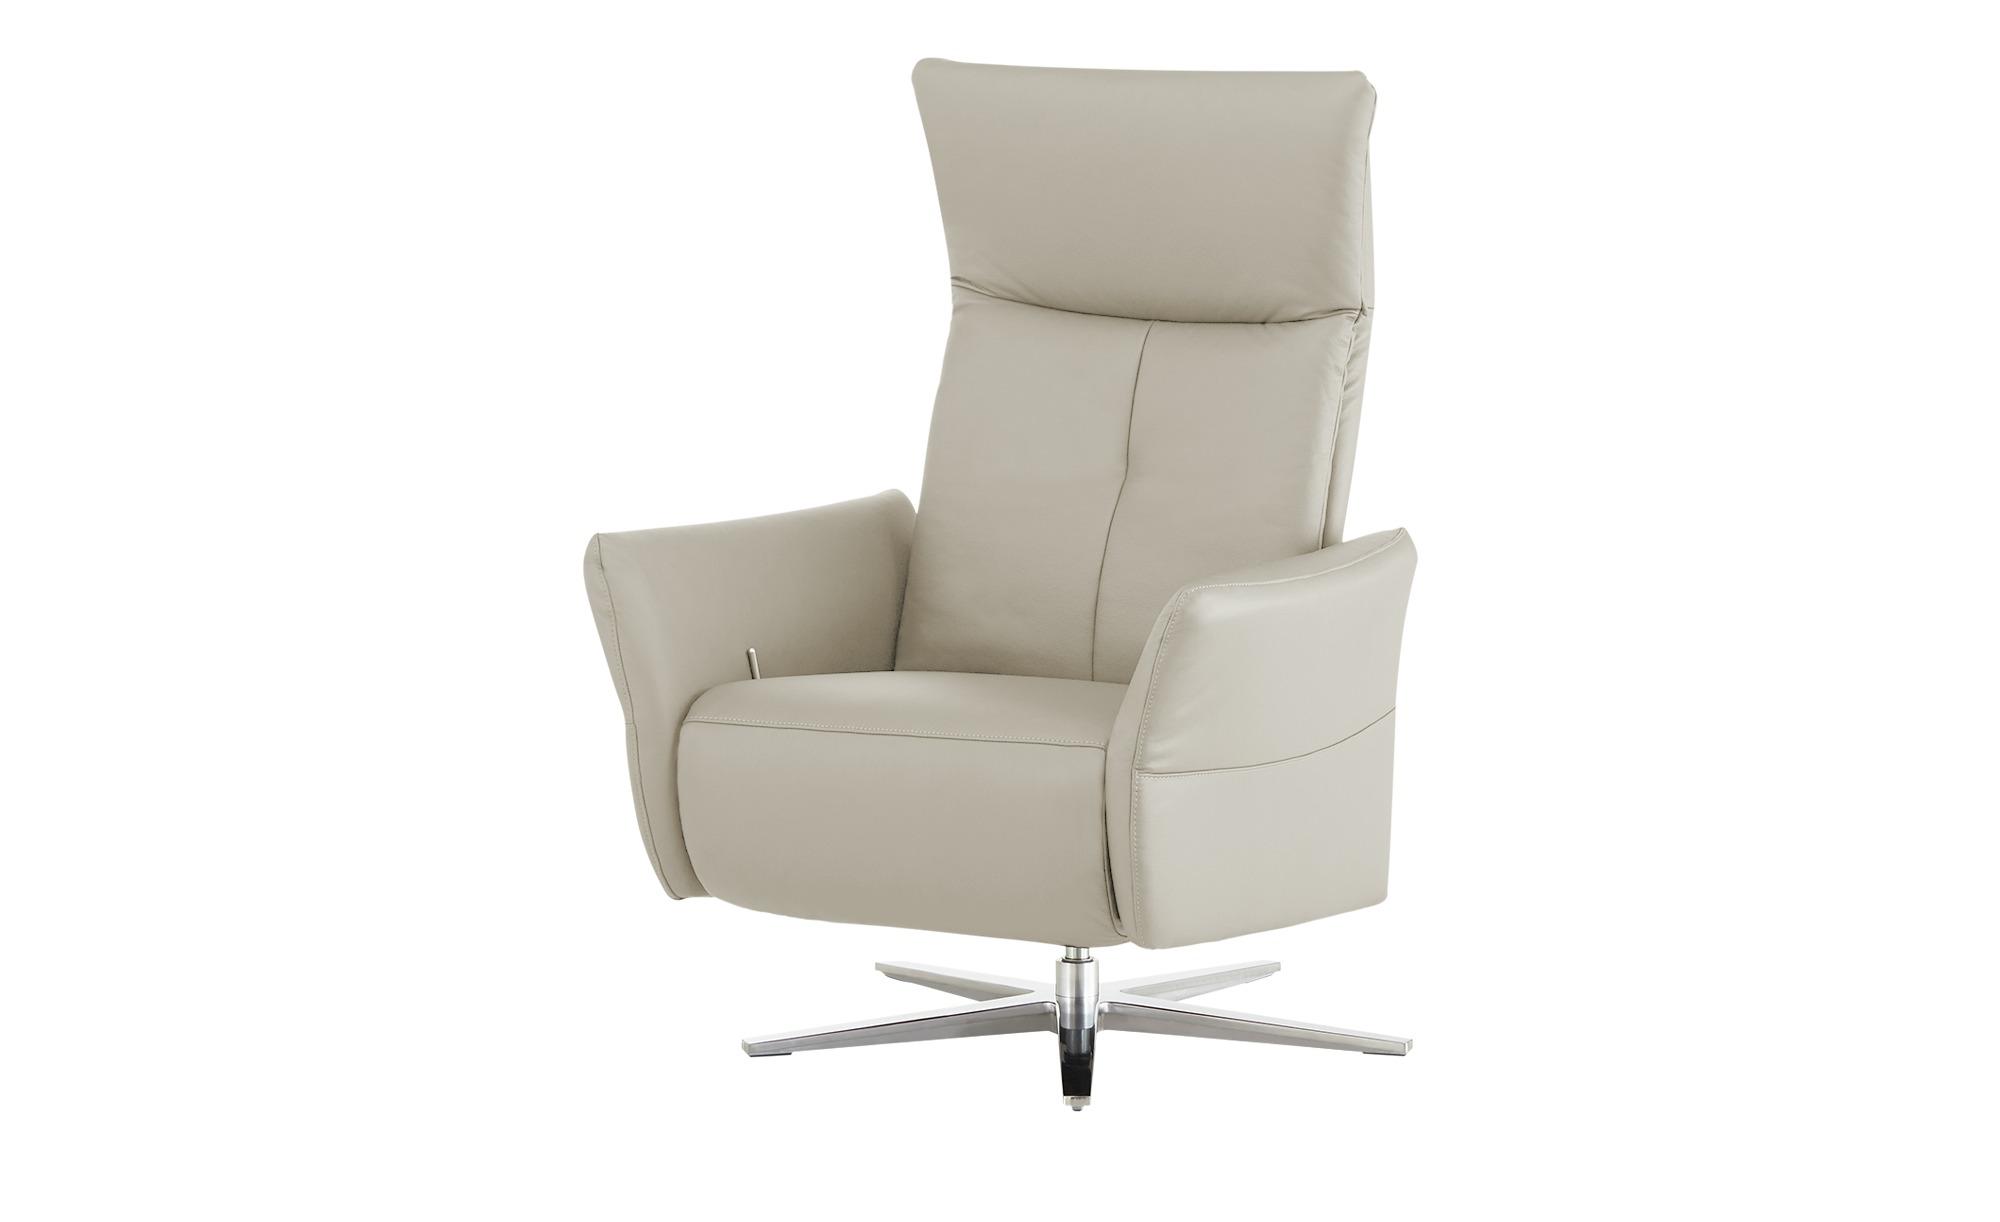 Wohnwert Funktionssessel  Katja - grau - Polstermöbel > Sessel > Ledersesse günstig online kaufen